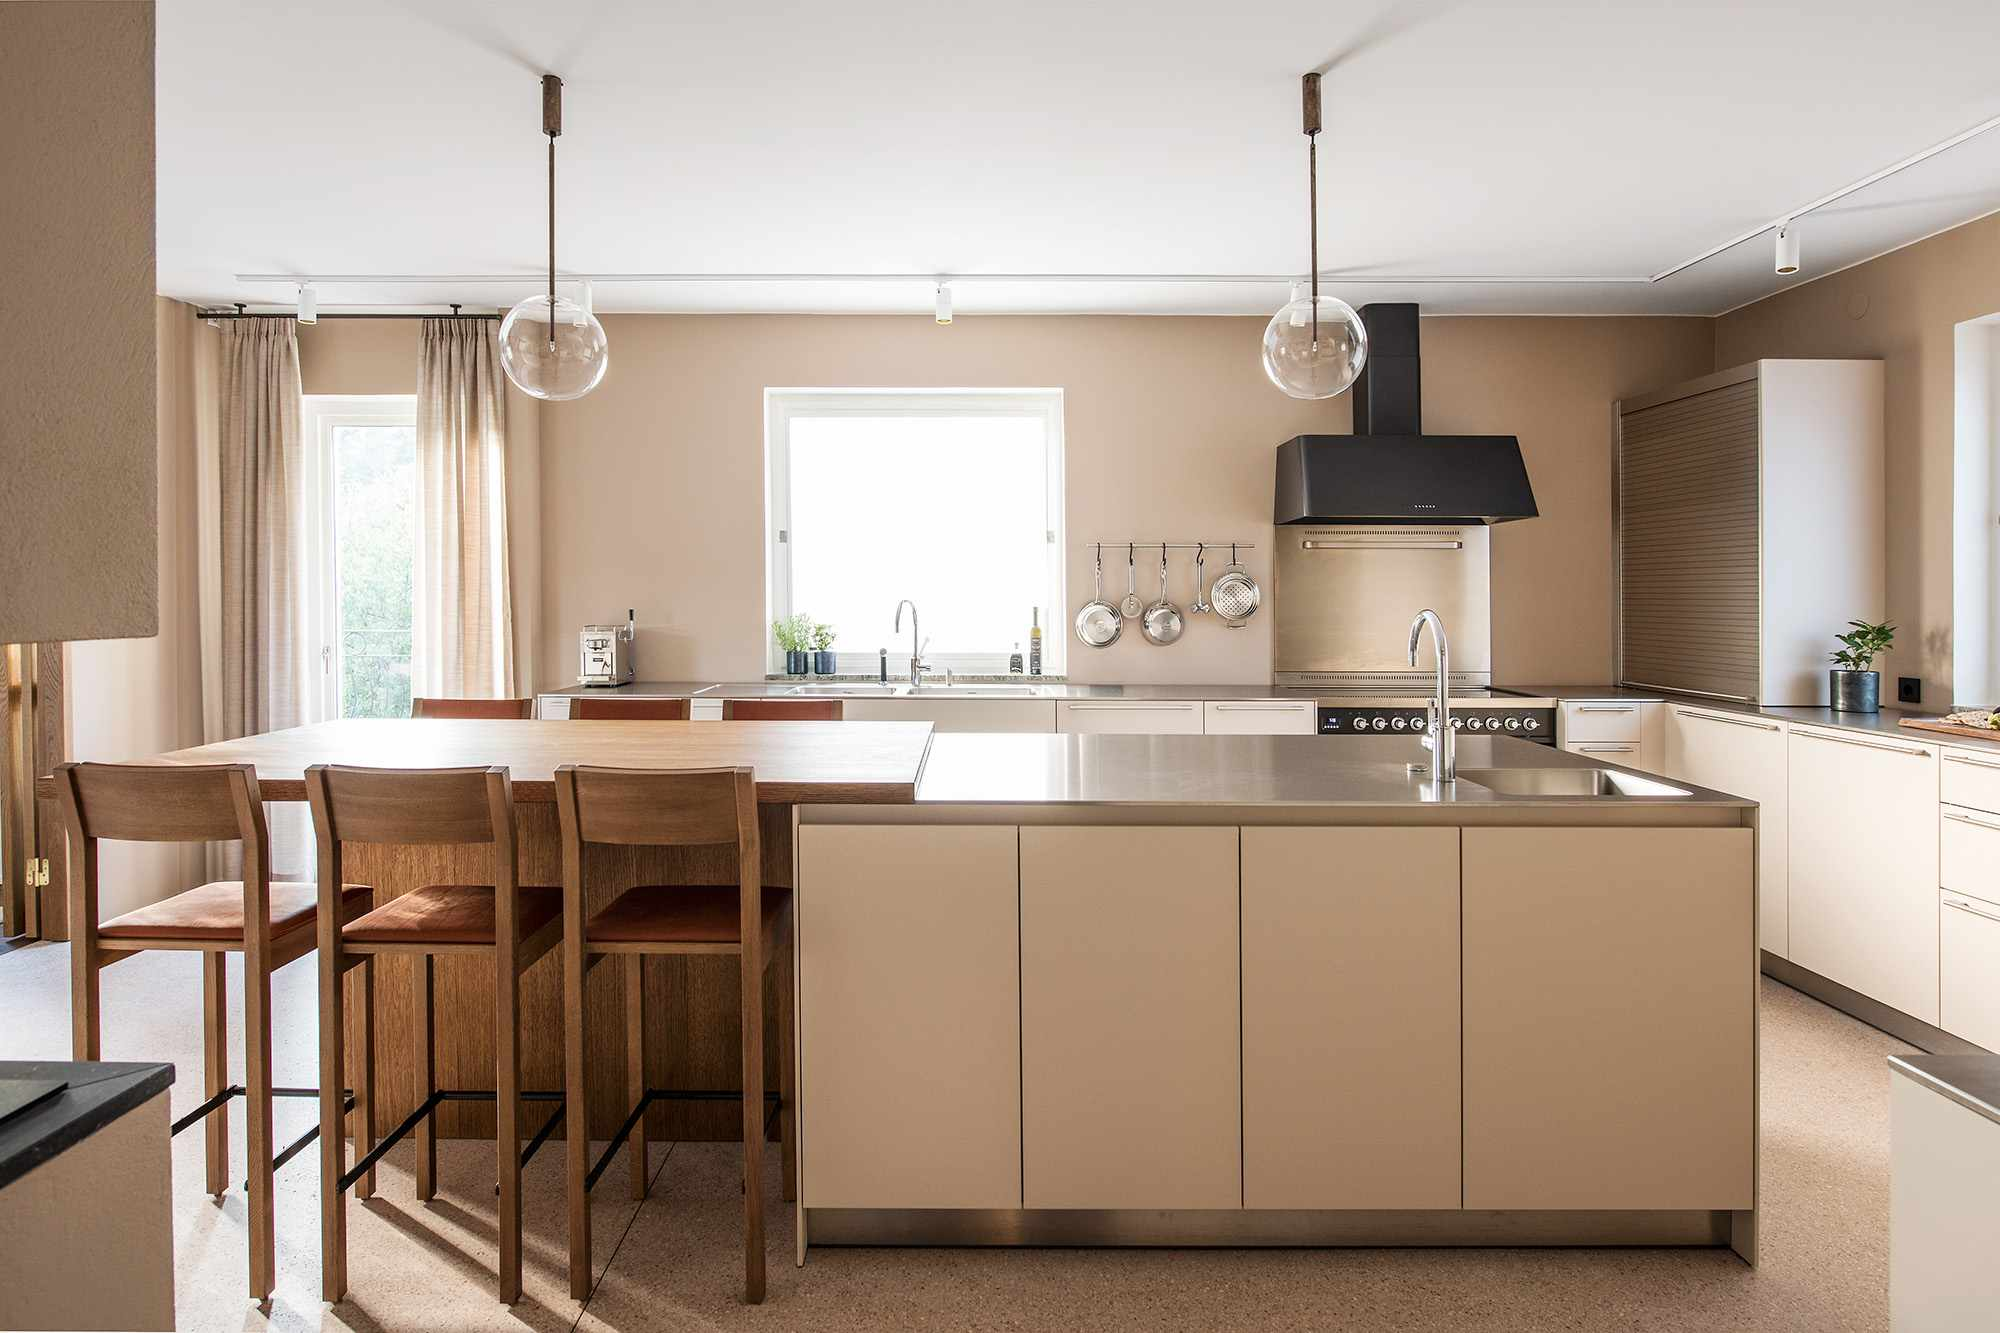 Sleek beige kitchen